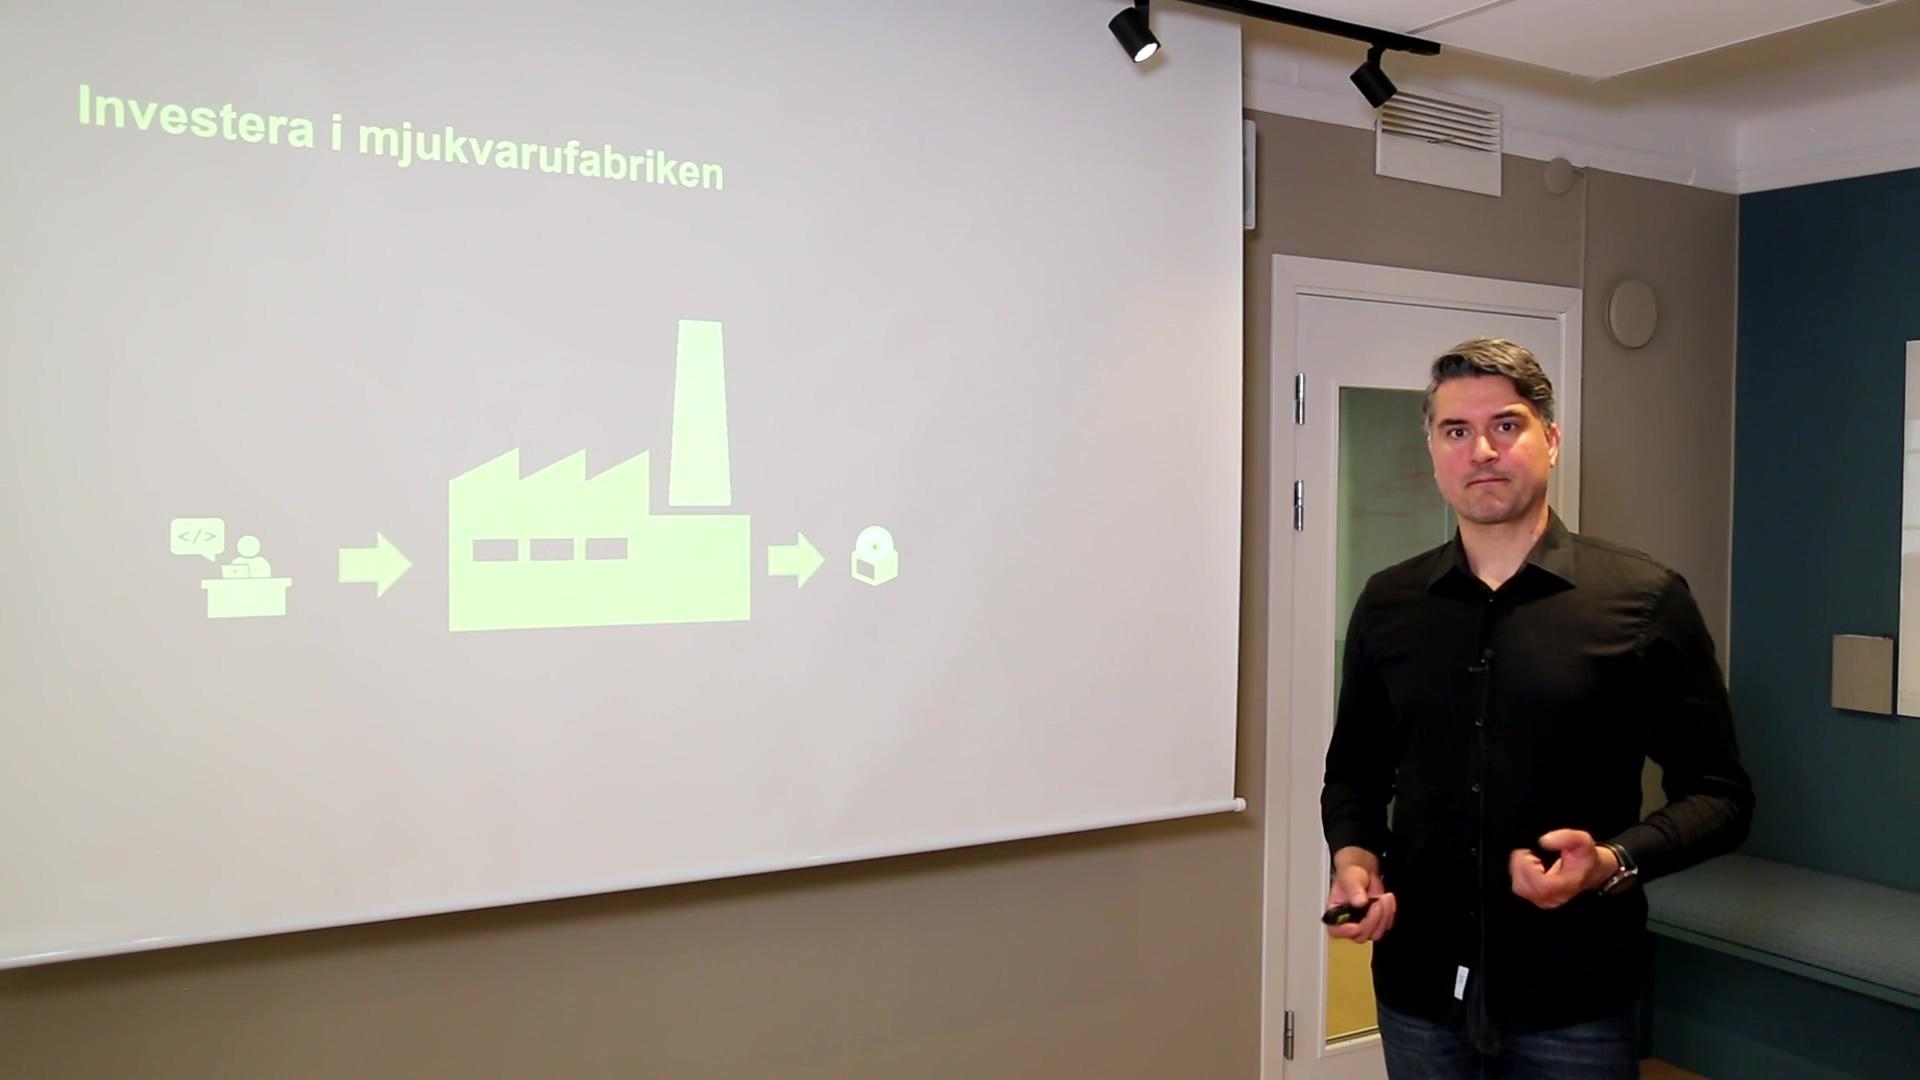 Investera_i_mjukvarufabriken_textad